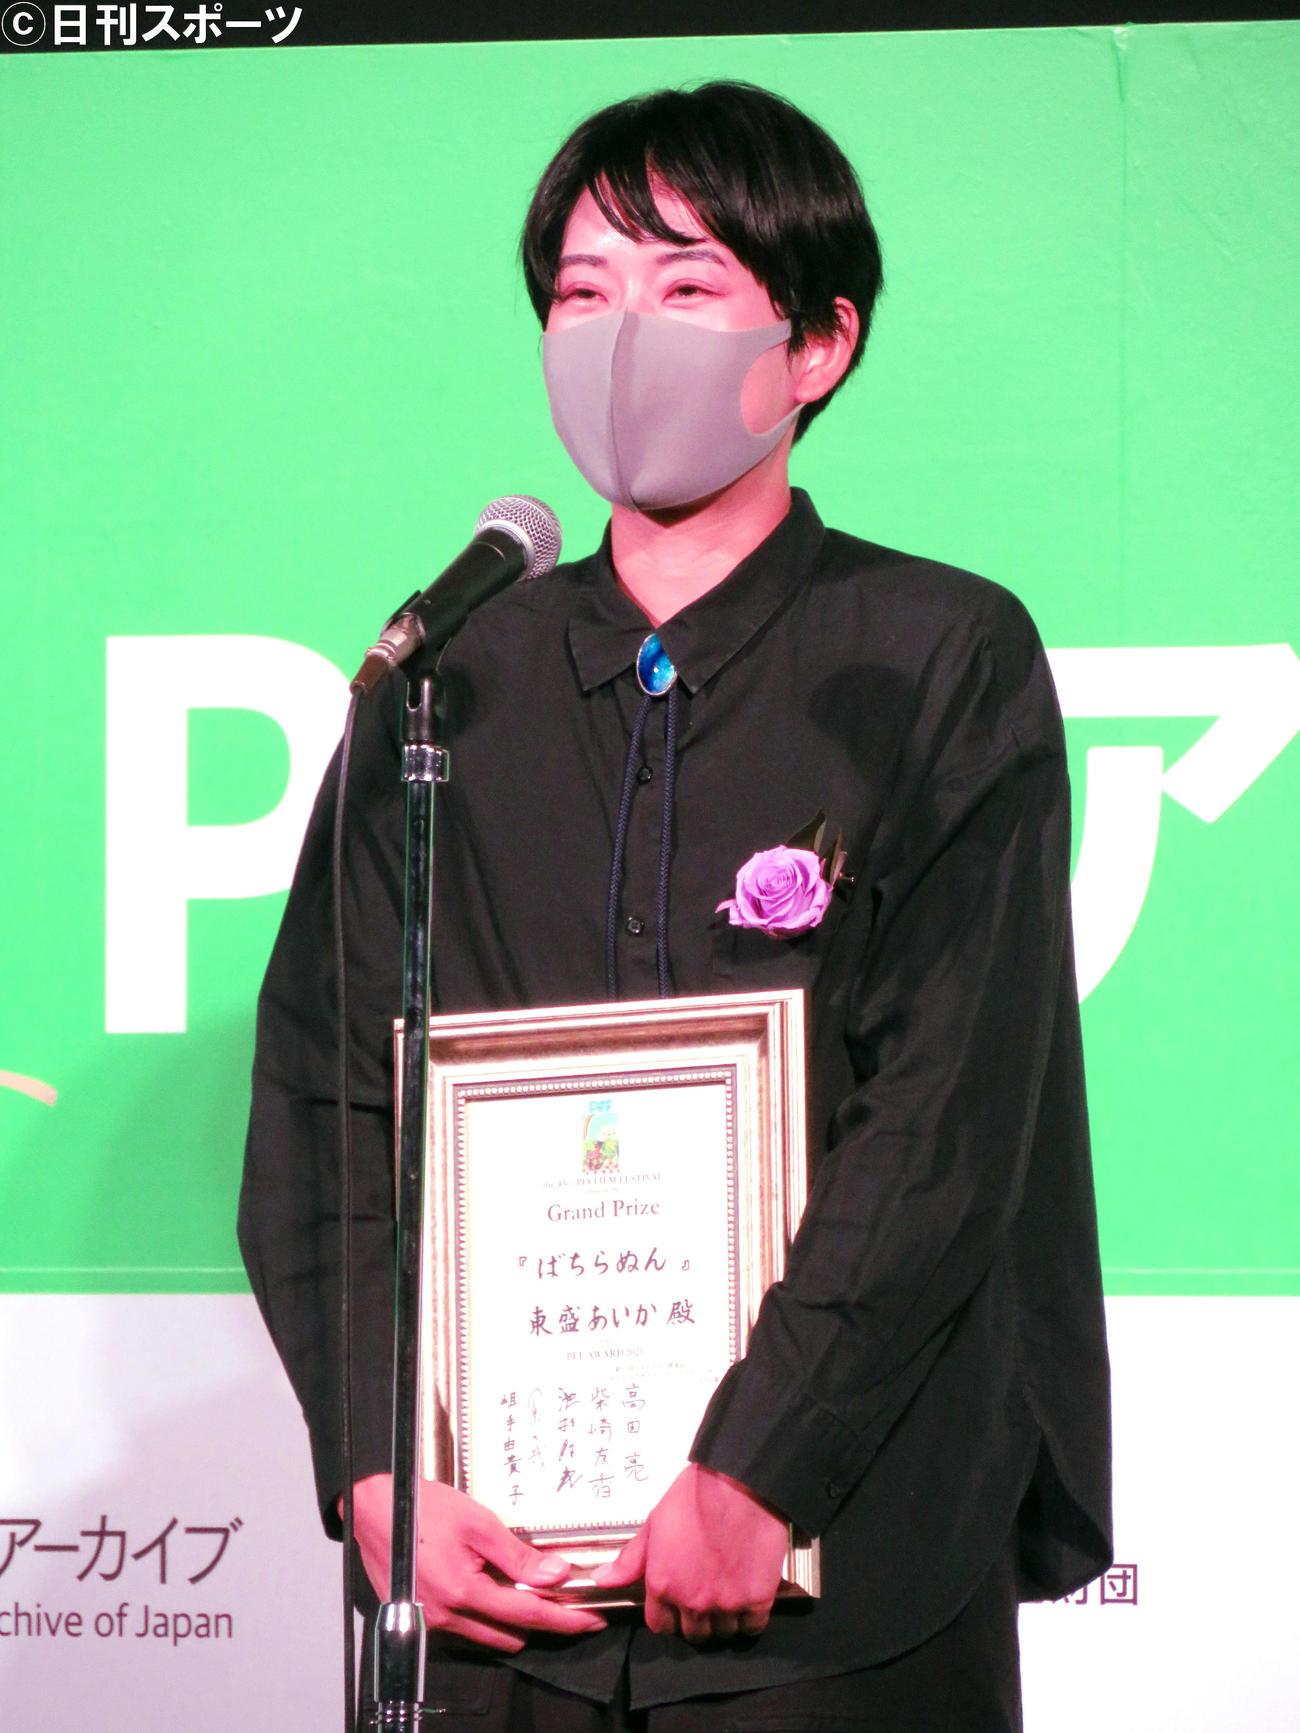 第43回ぴあフィルムフェスティバル2021コンペティション「PFFアワード2021」表彰式でグランプリを受賞した東盛あいか監督(撮影・佐藤成)